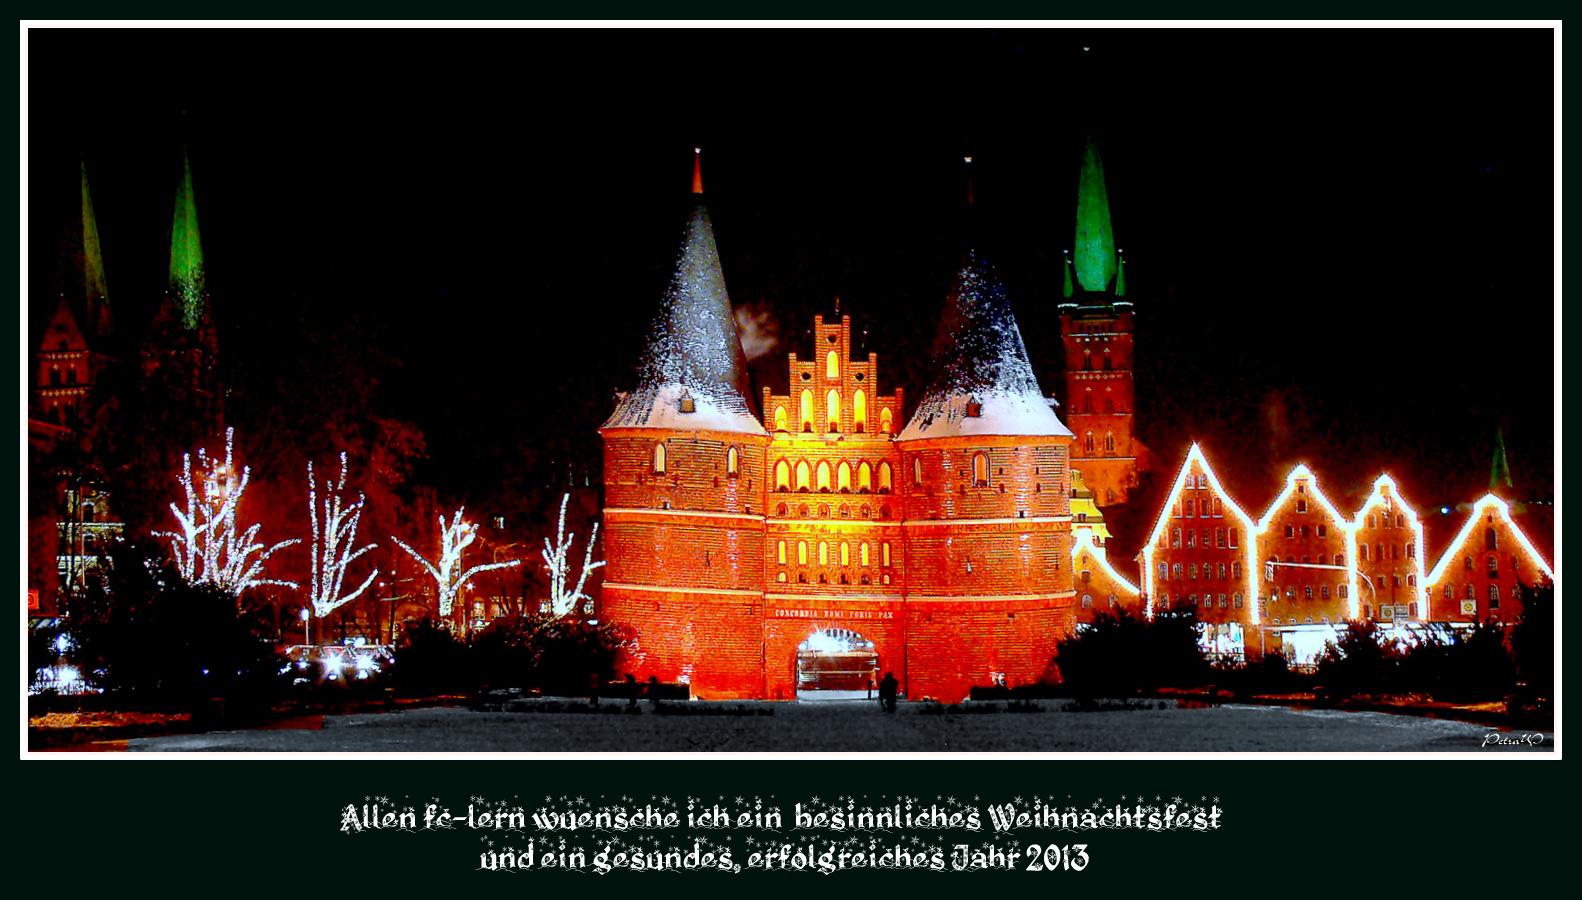 Herzliche Grüße aus Lübeck